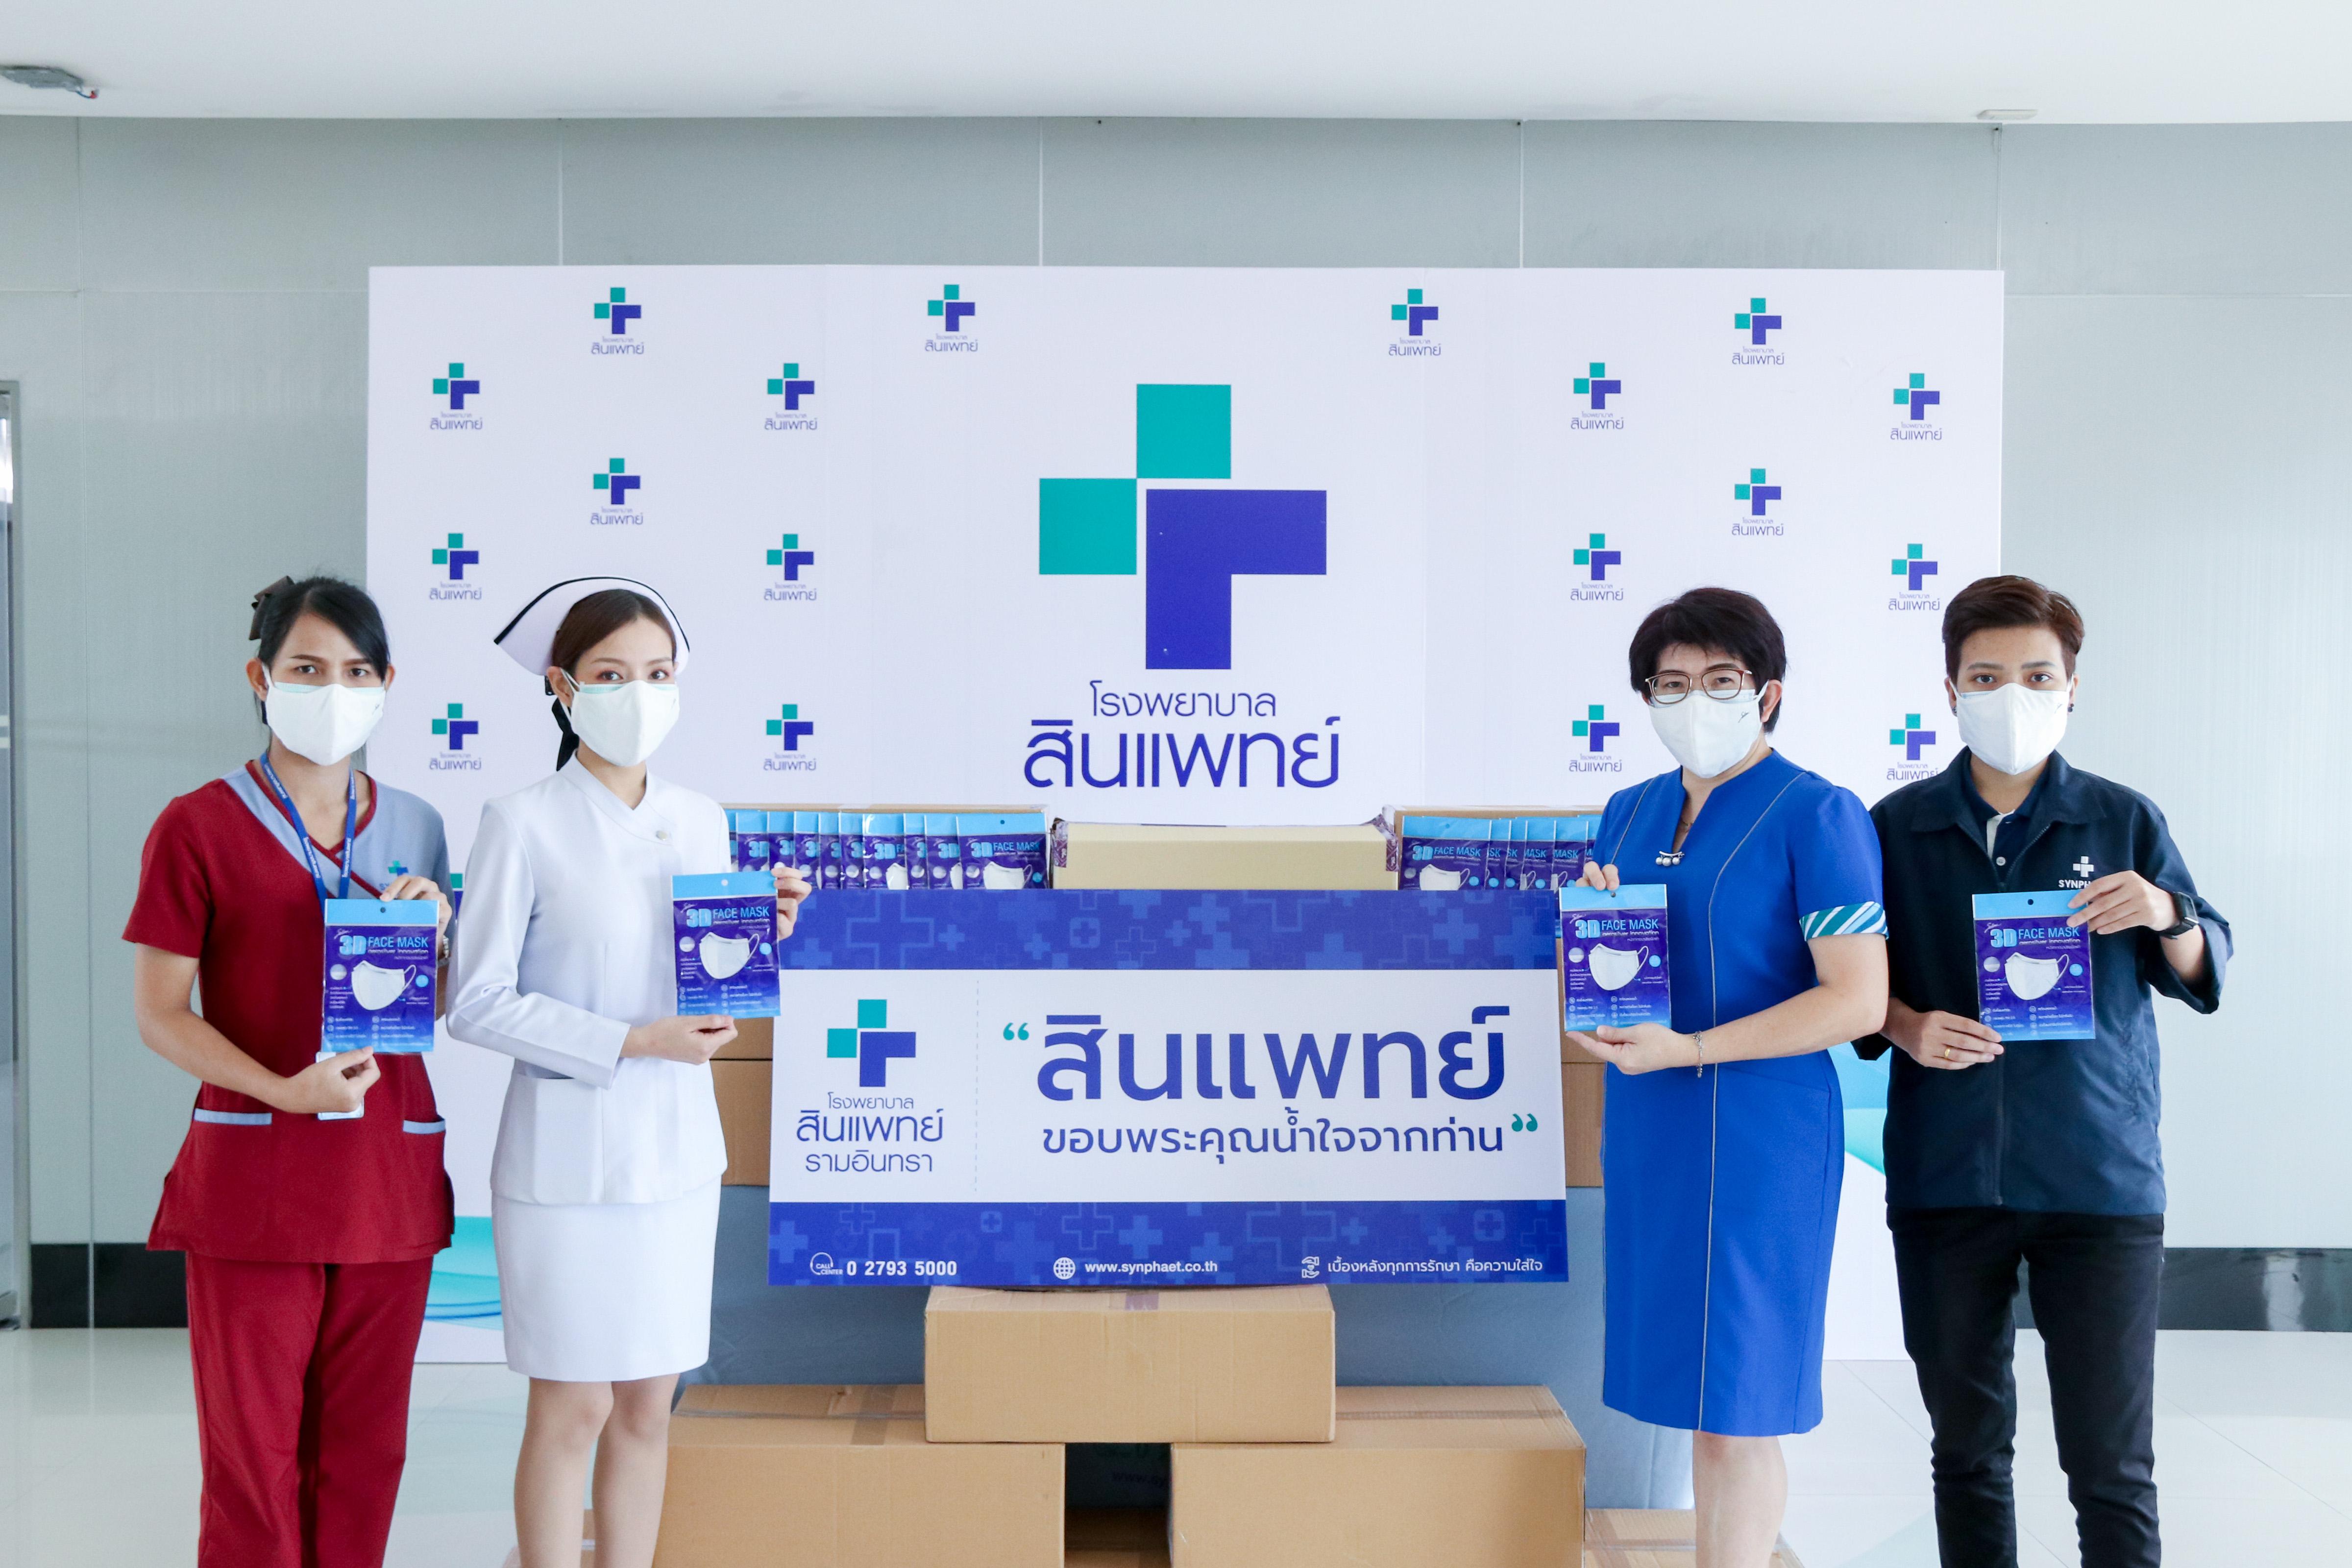 บริษัท ซาบีน่า ฟาร์อีสท์ จำกัด  ร่วมบริจาคหน้ากากผ้าคุณภาพสูง 3D Face Mask  จำนวน 3,000 ชิ้นให้กับโรงพยาบาลสินแพทย์ ผ่านมูลนิธิสายธาร